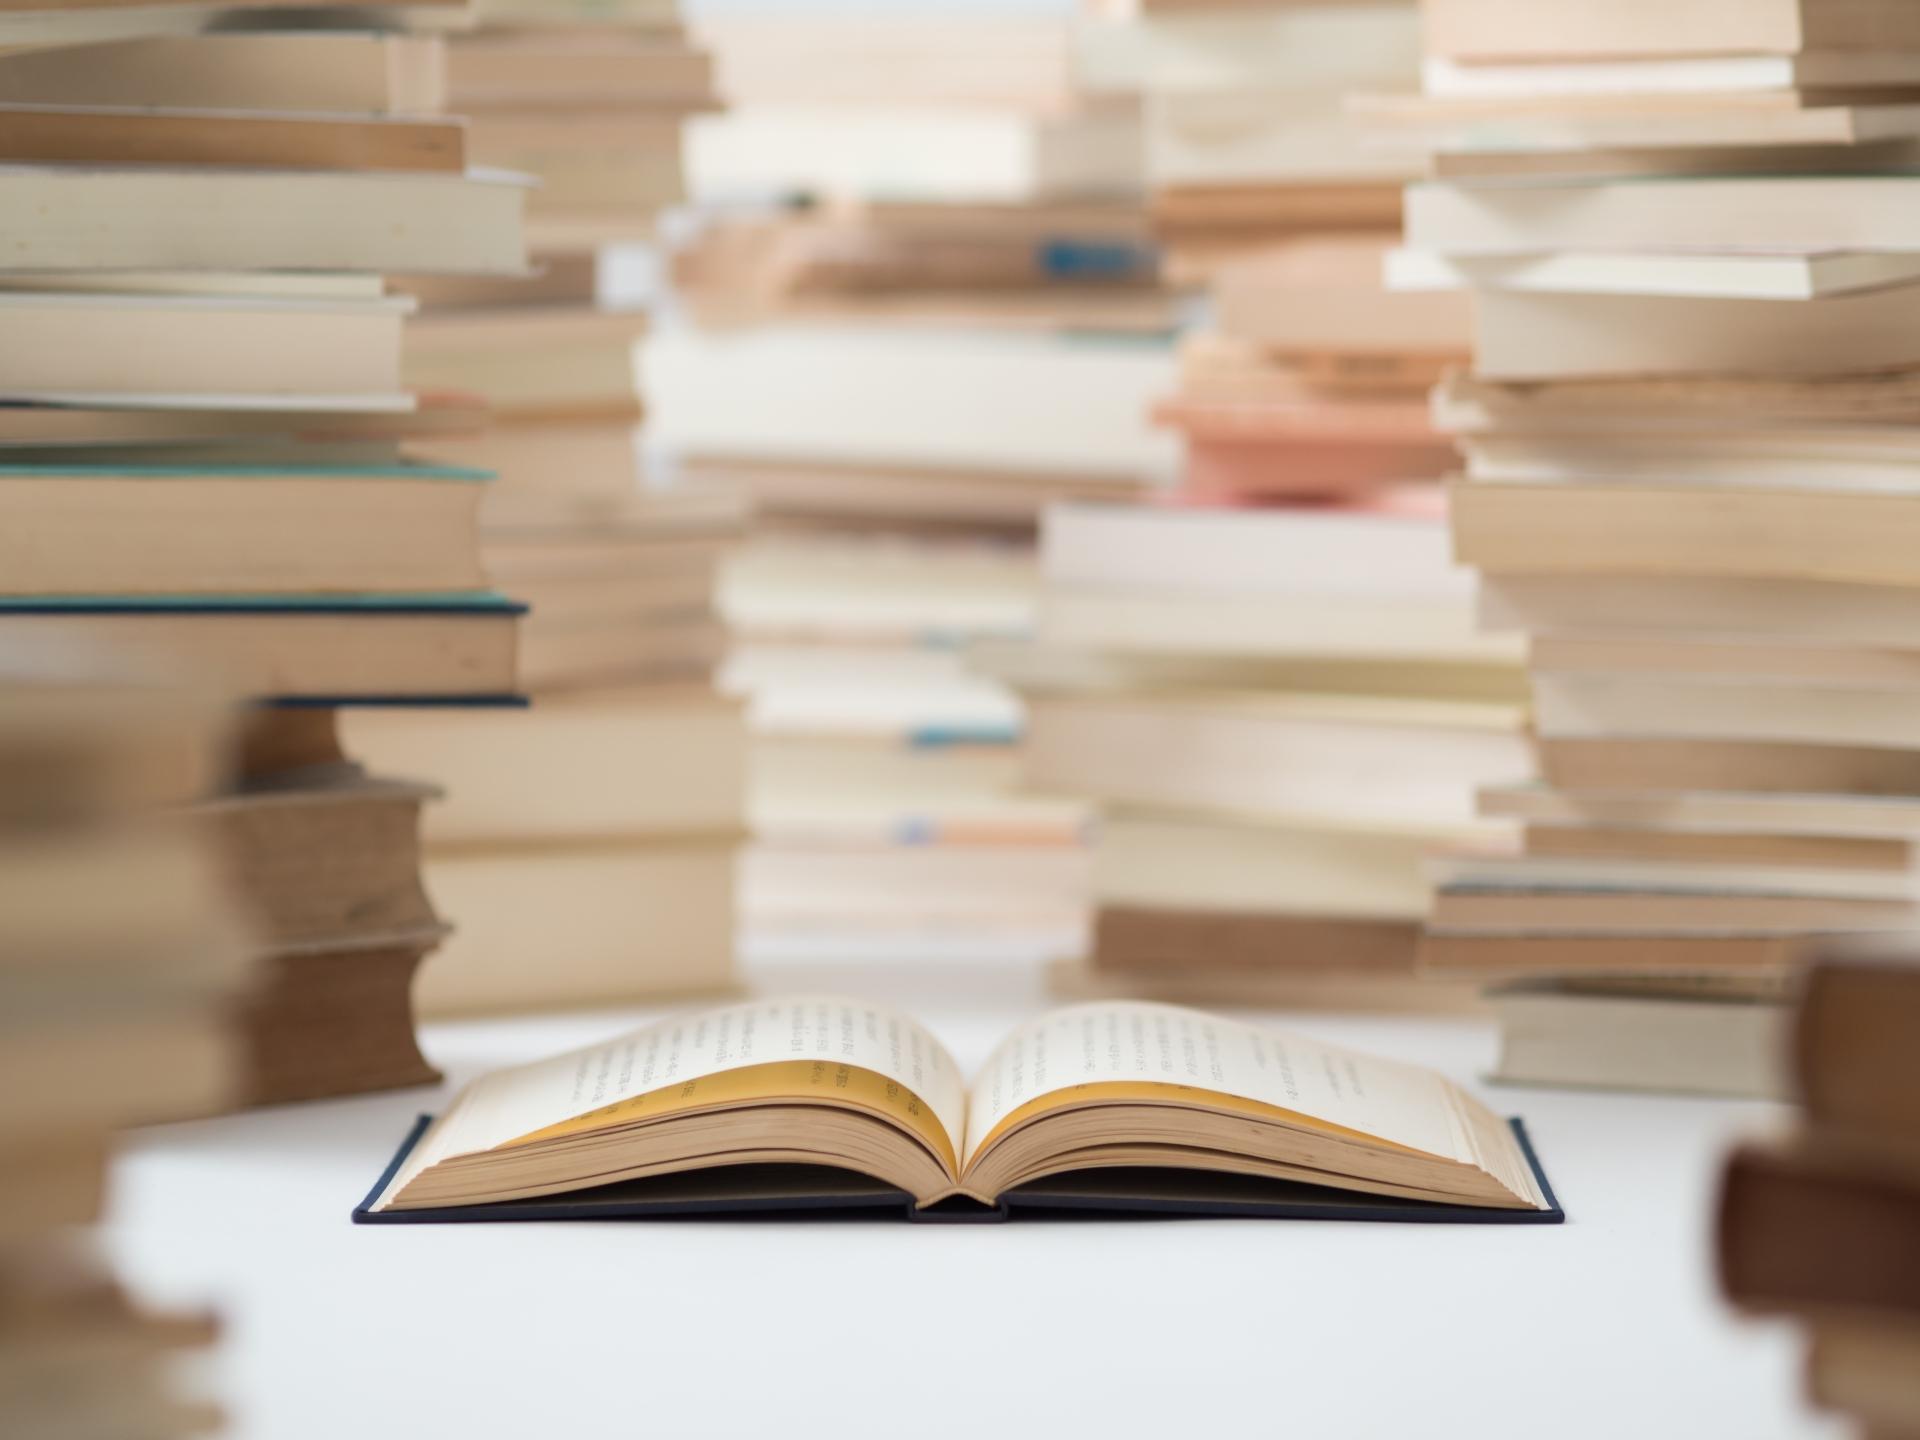 子供が不登校になった時読んでほしい本。厳選5冊をご紹介。